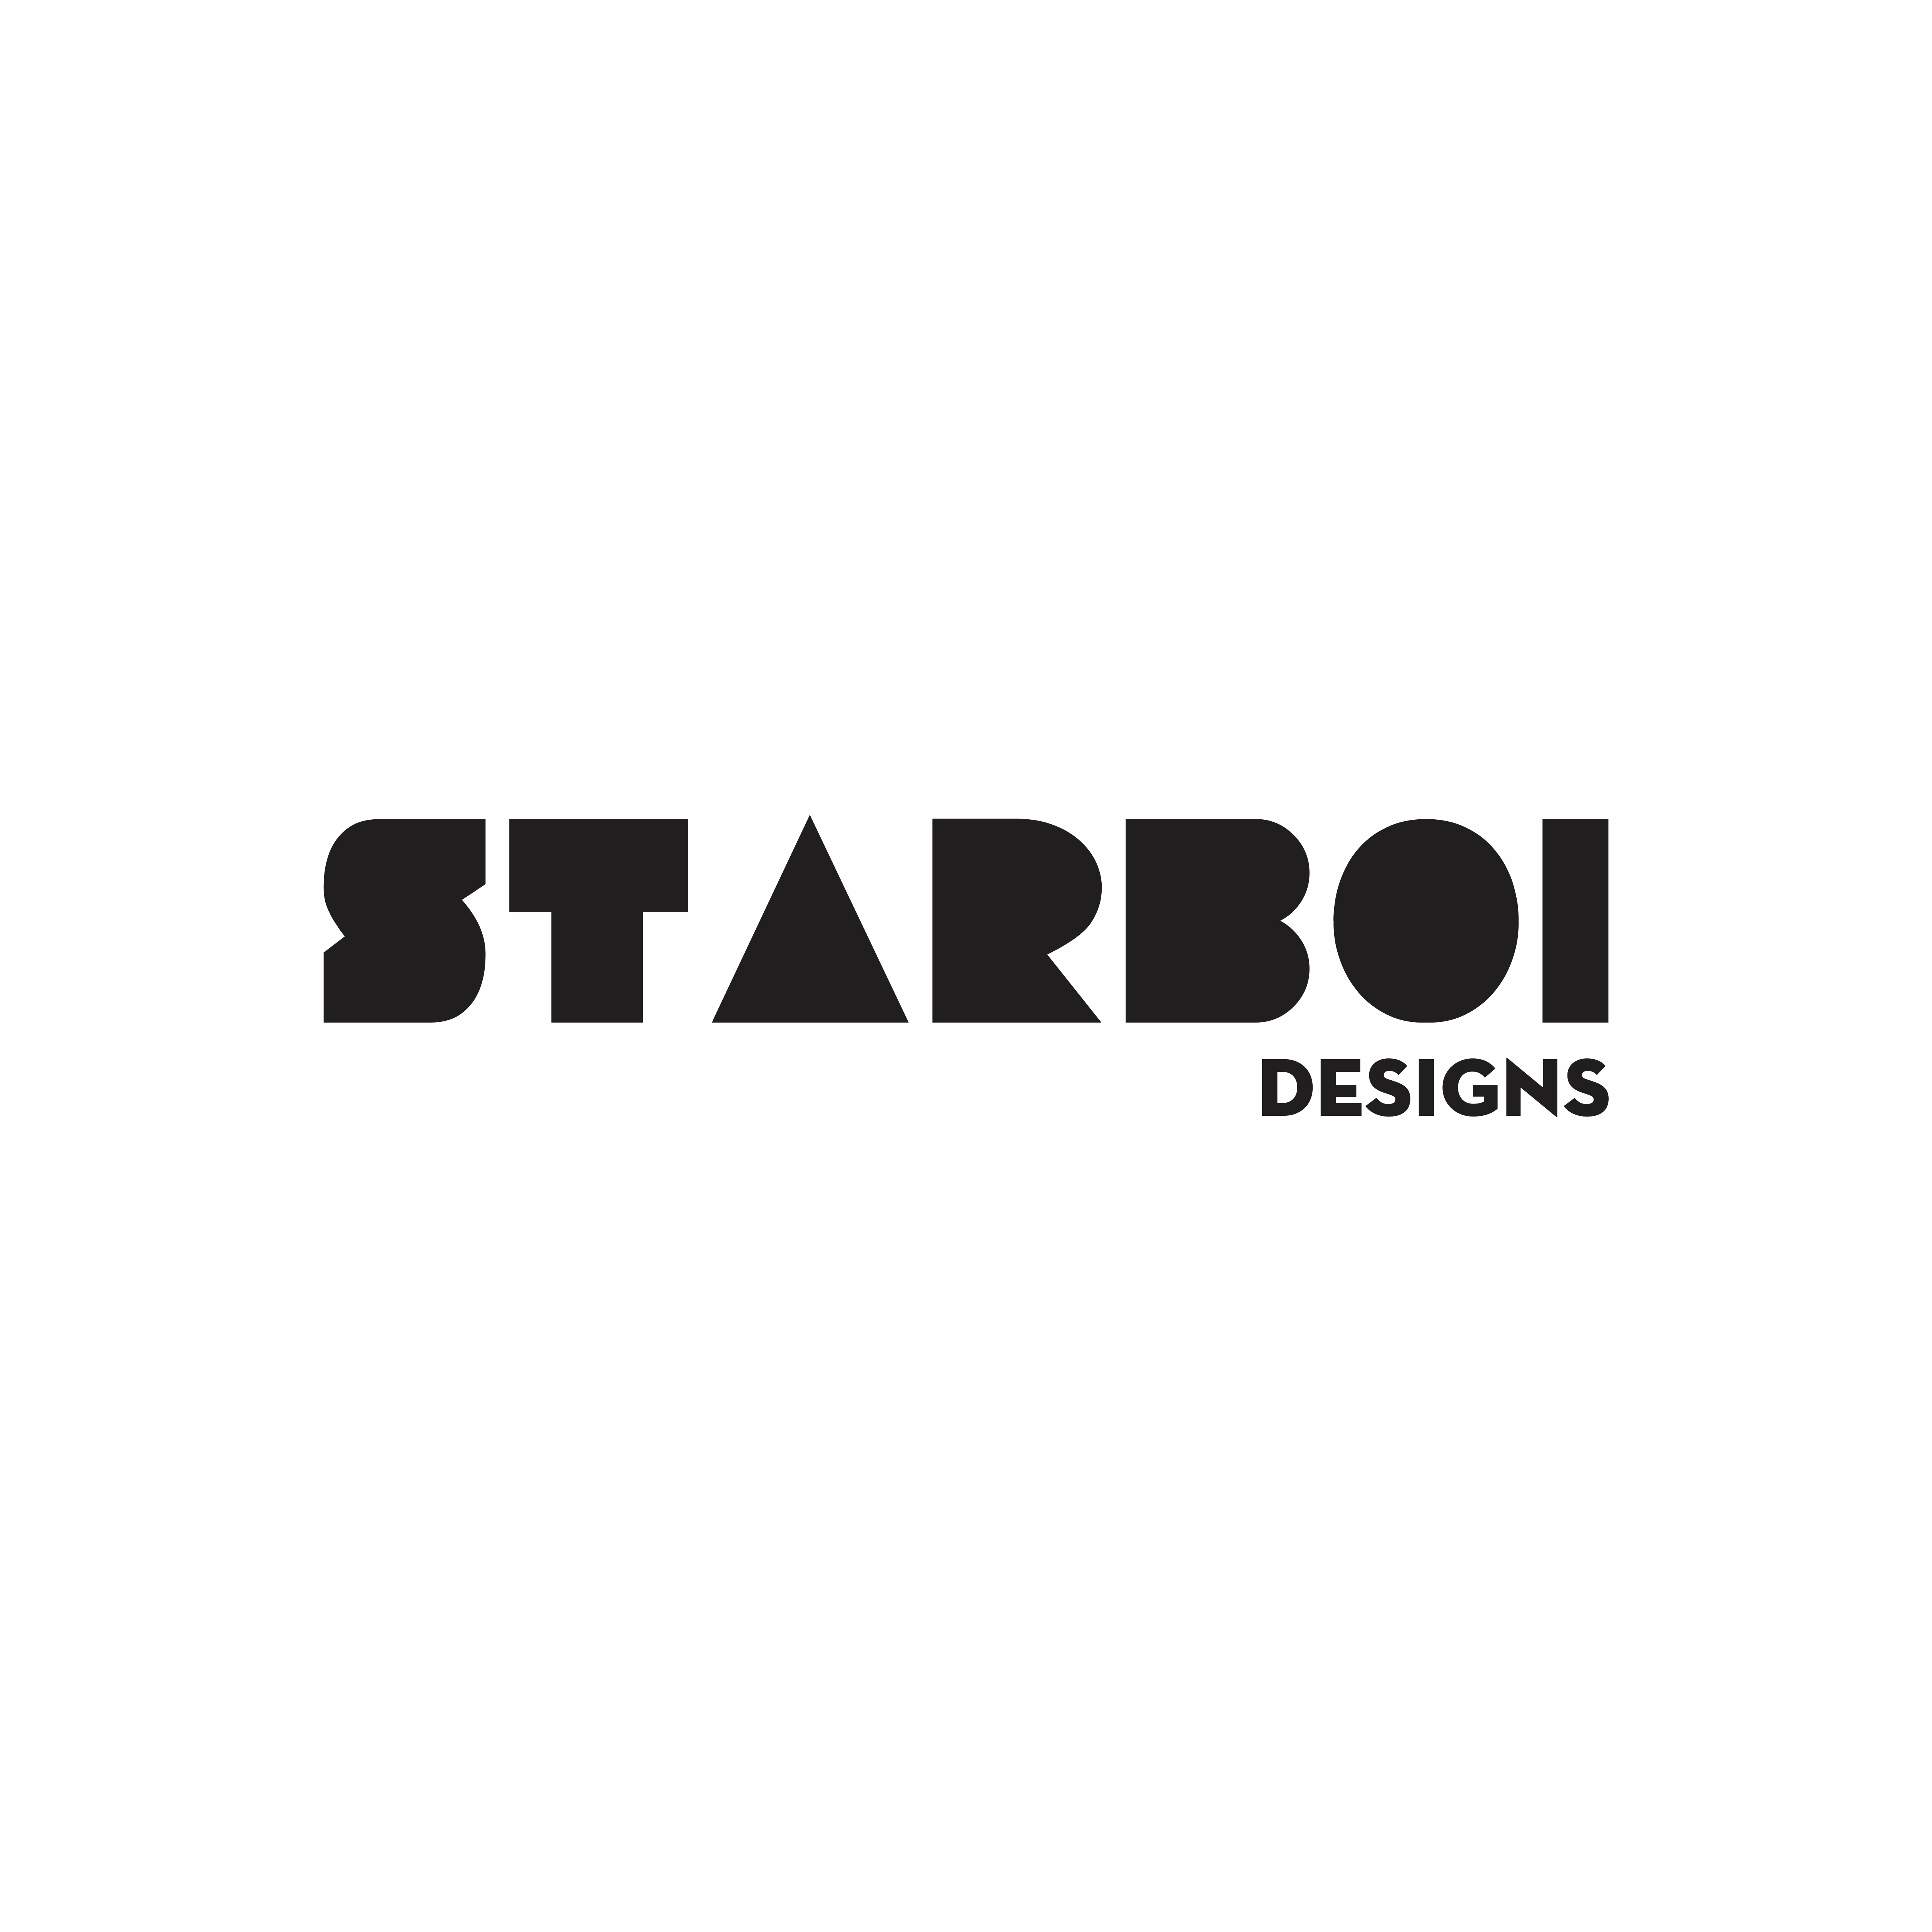 Starboi designs printivo store printivo